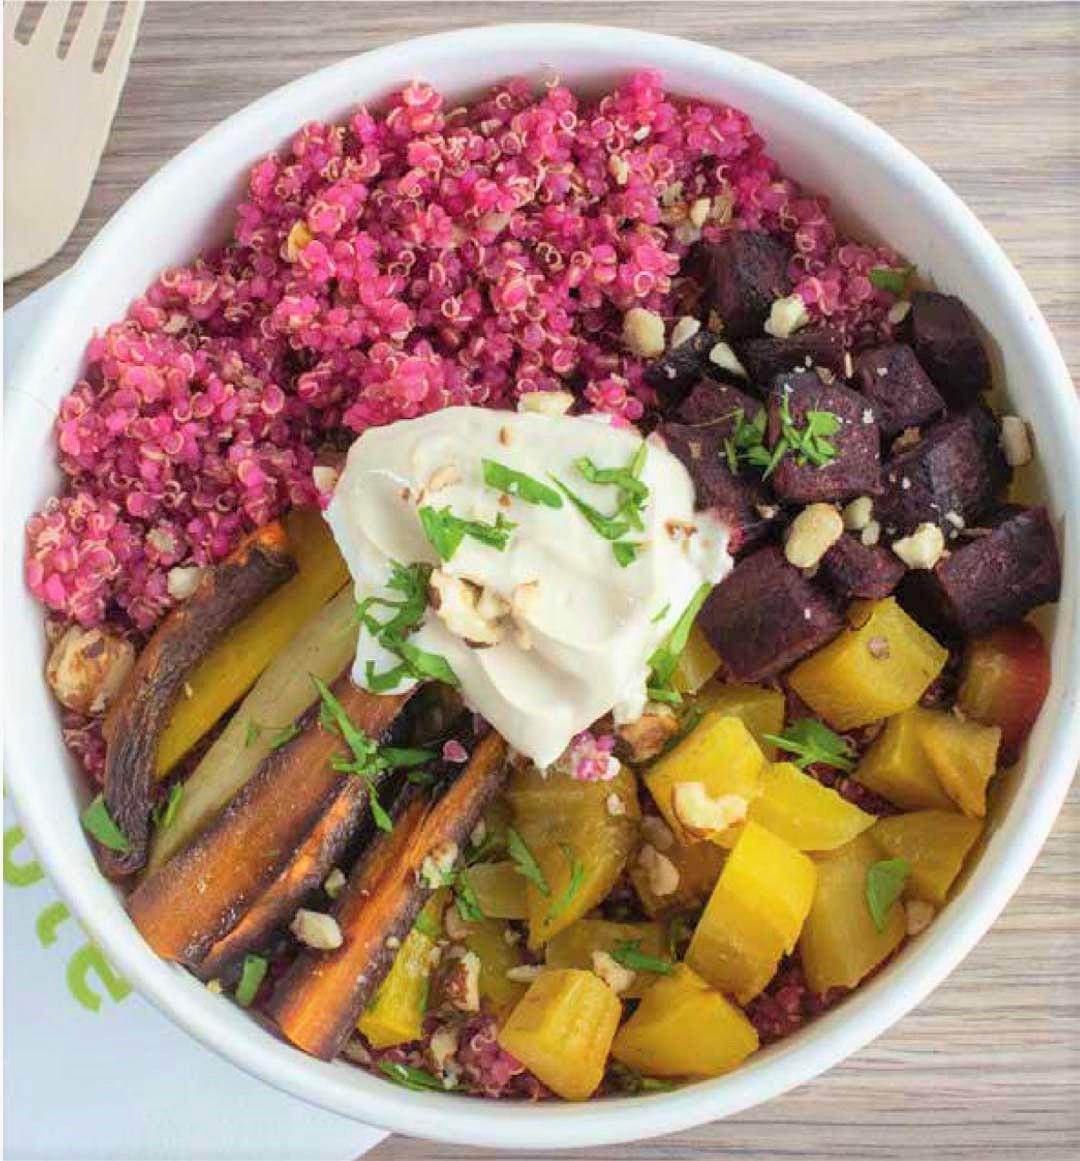 Salade de quinoa rose aux légumes croquants par Dubble Food